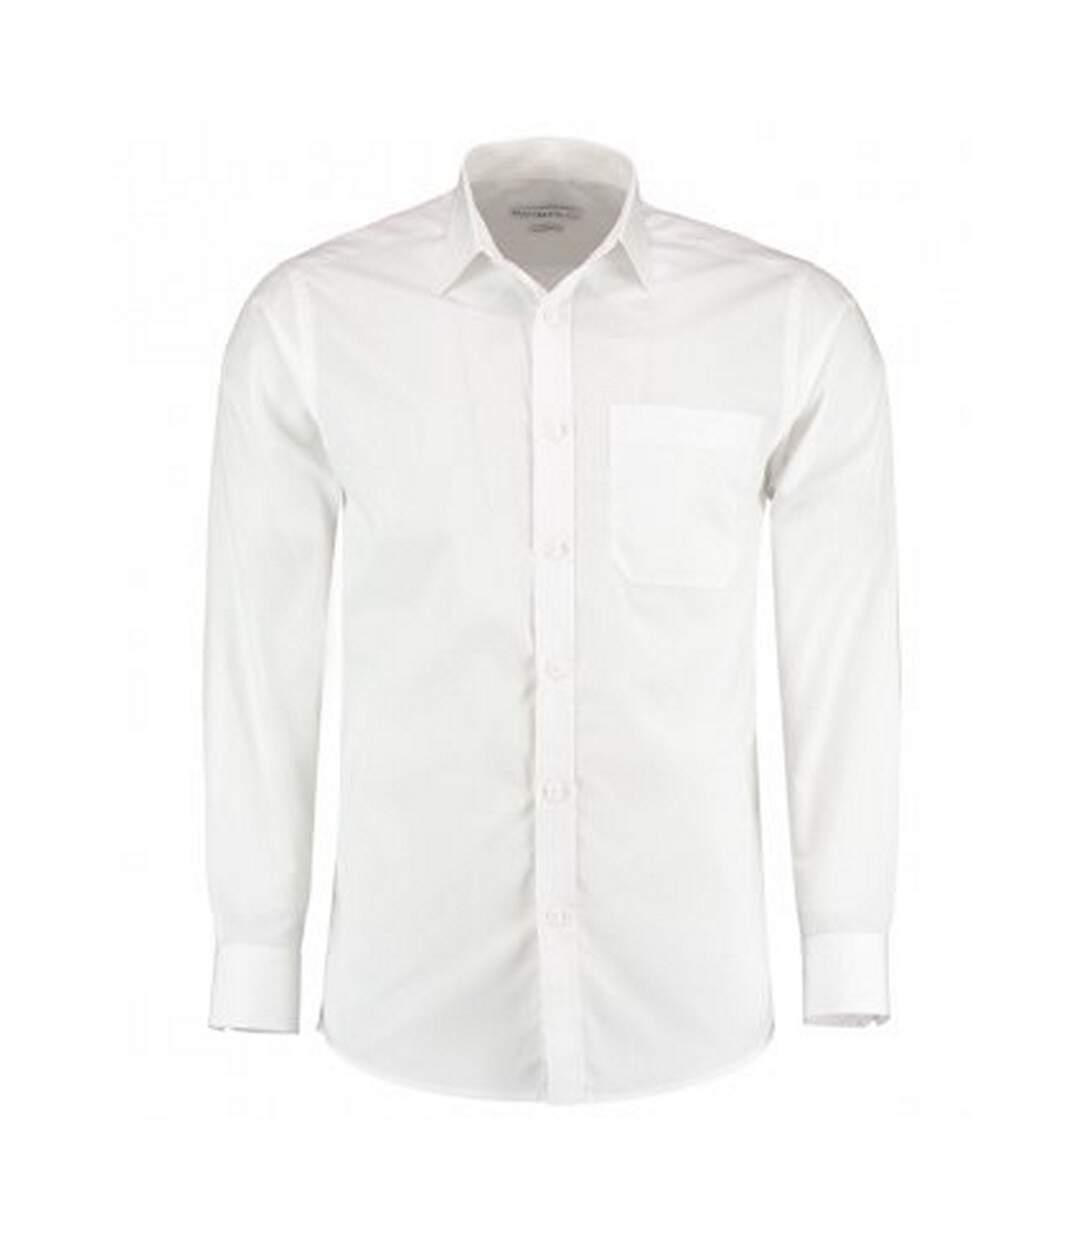 Kustom Kit Mens Long Sleeve Tailored Poplin Shirt (White) - UTPC3156